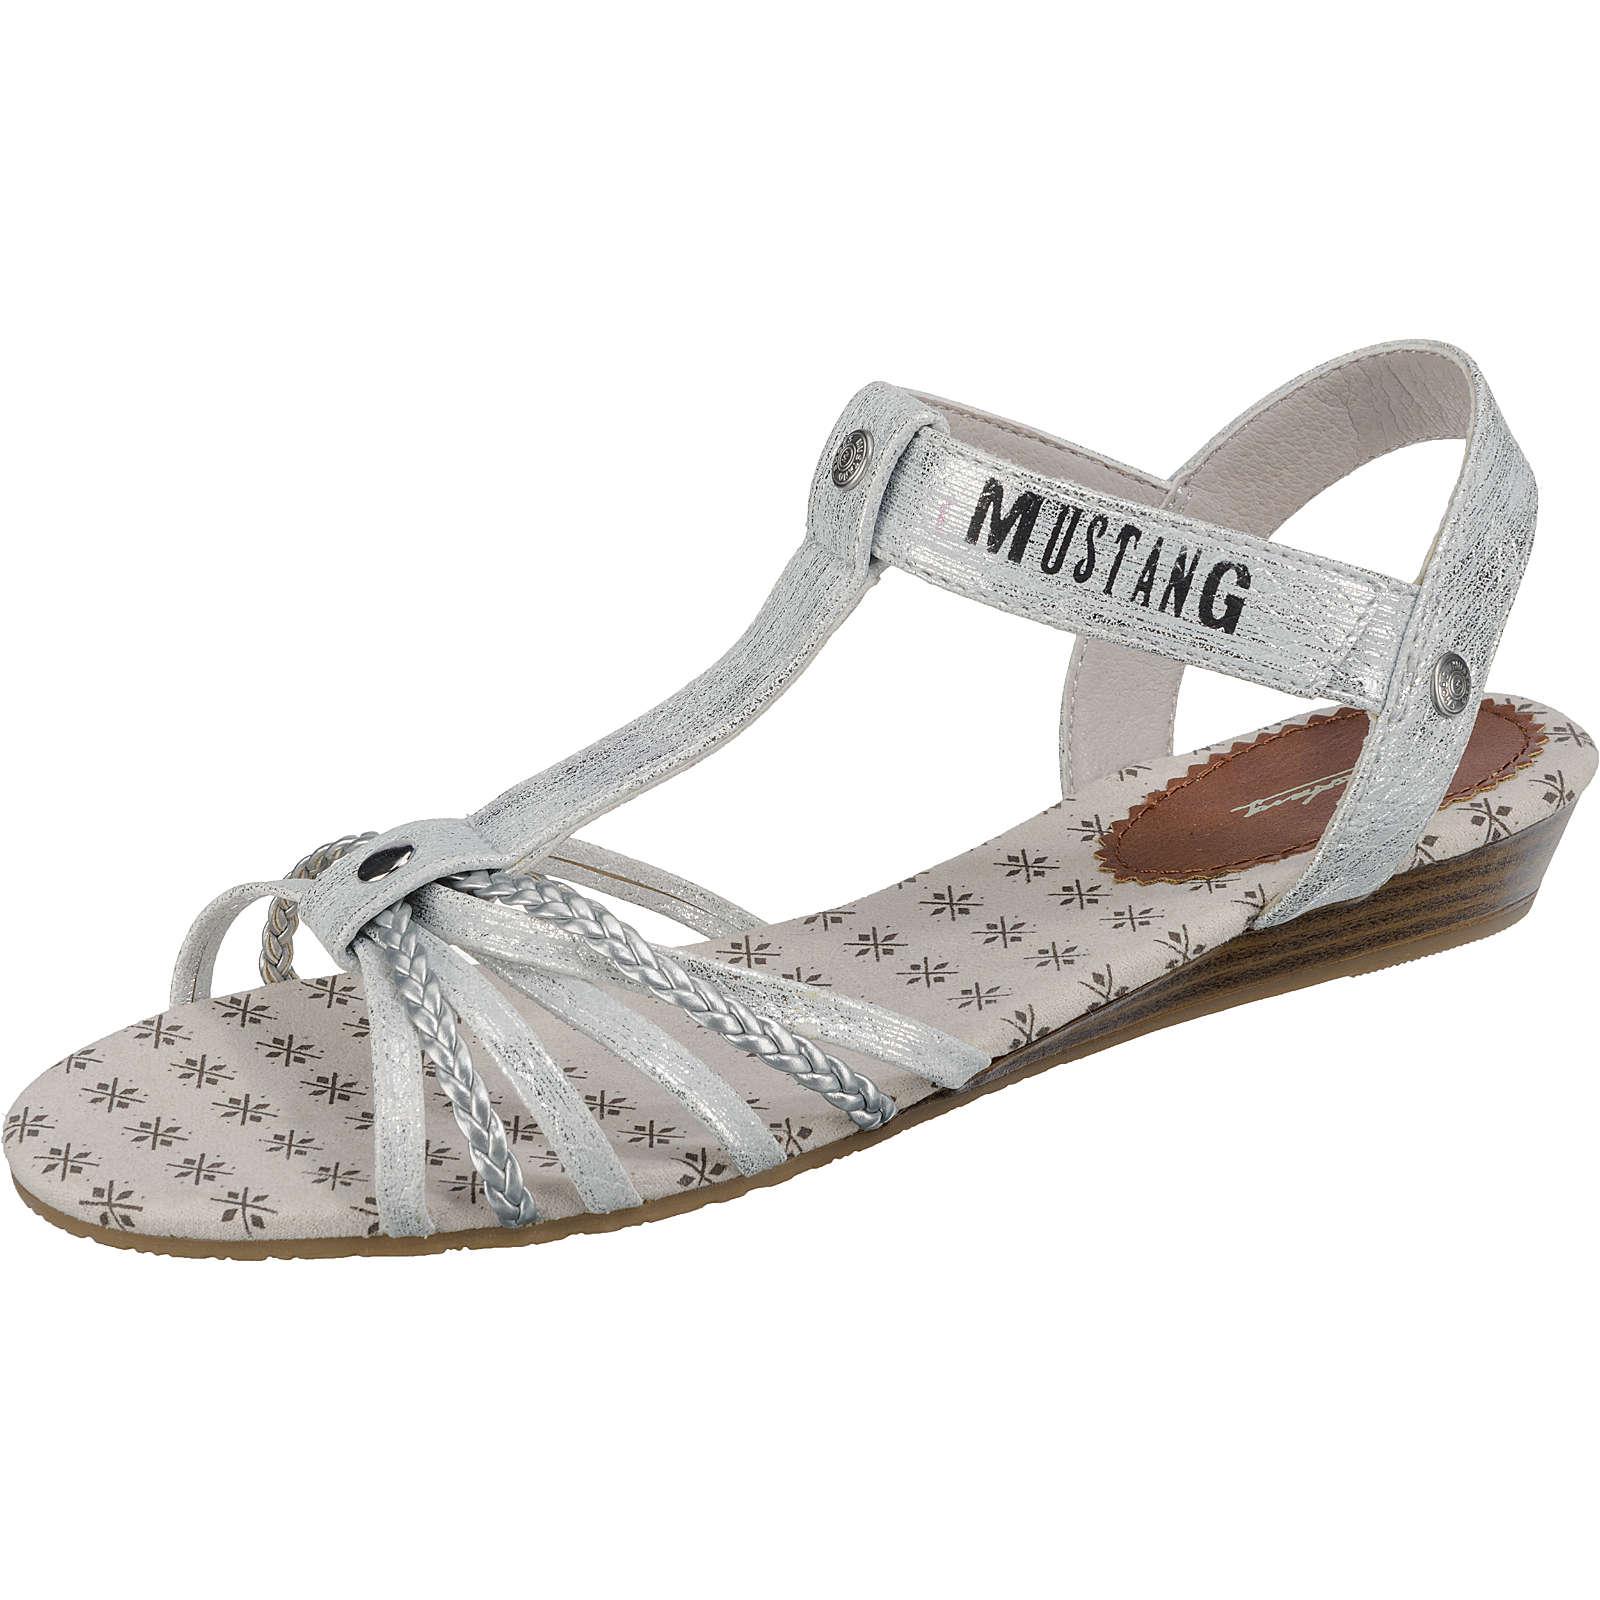 MUSTANG Sandalen für Mädchen silber Mädchen Gr. 33